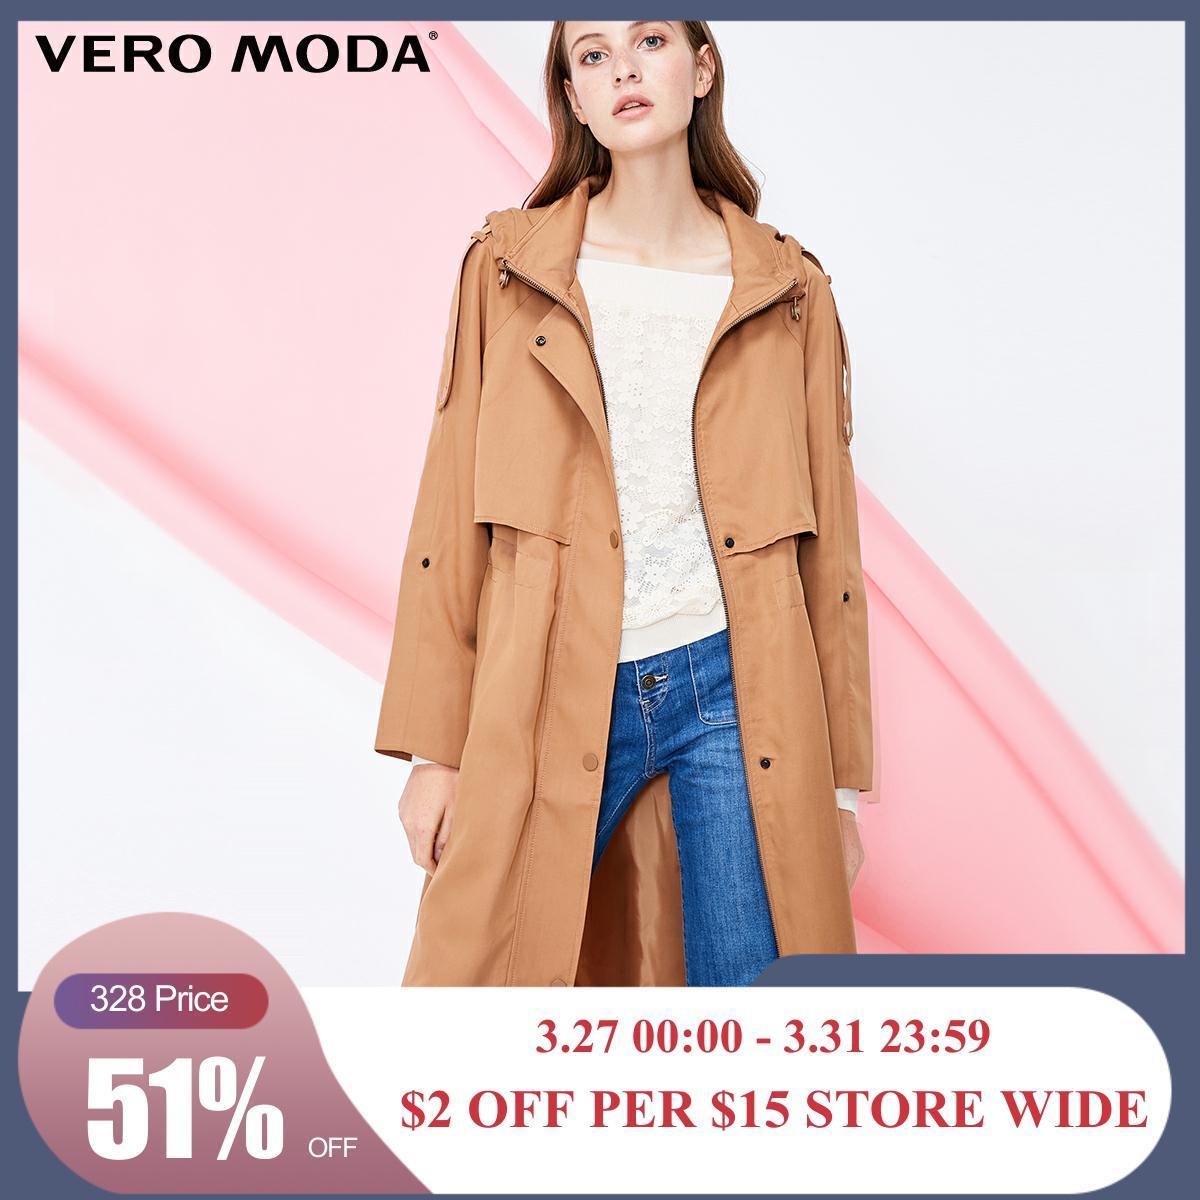 Vero Moda New Arrivals Adjustable Waist Long Hooded Wind Coat Trench Coat | 318321542